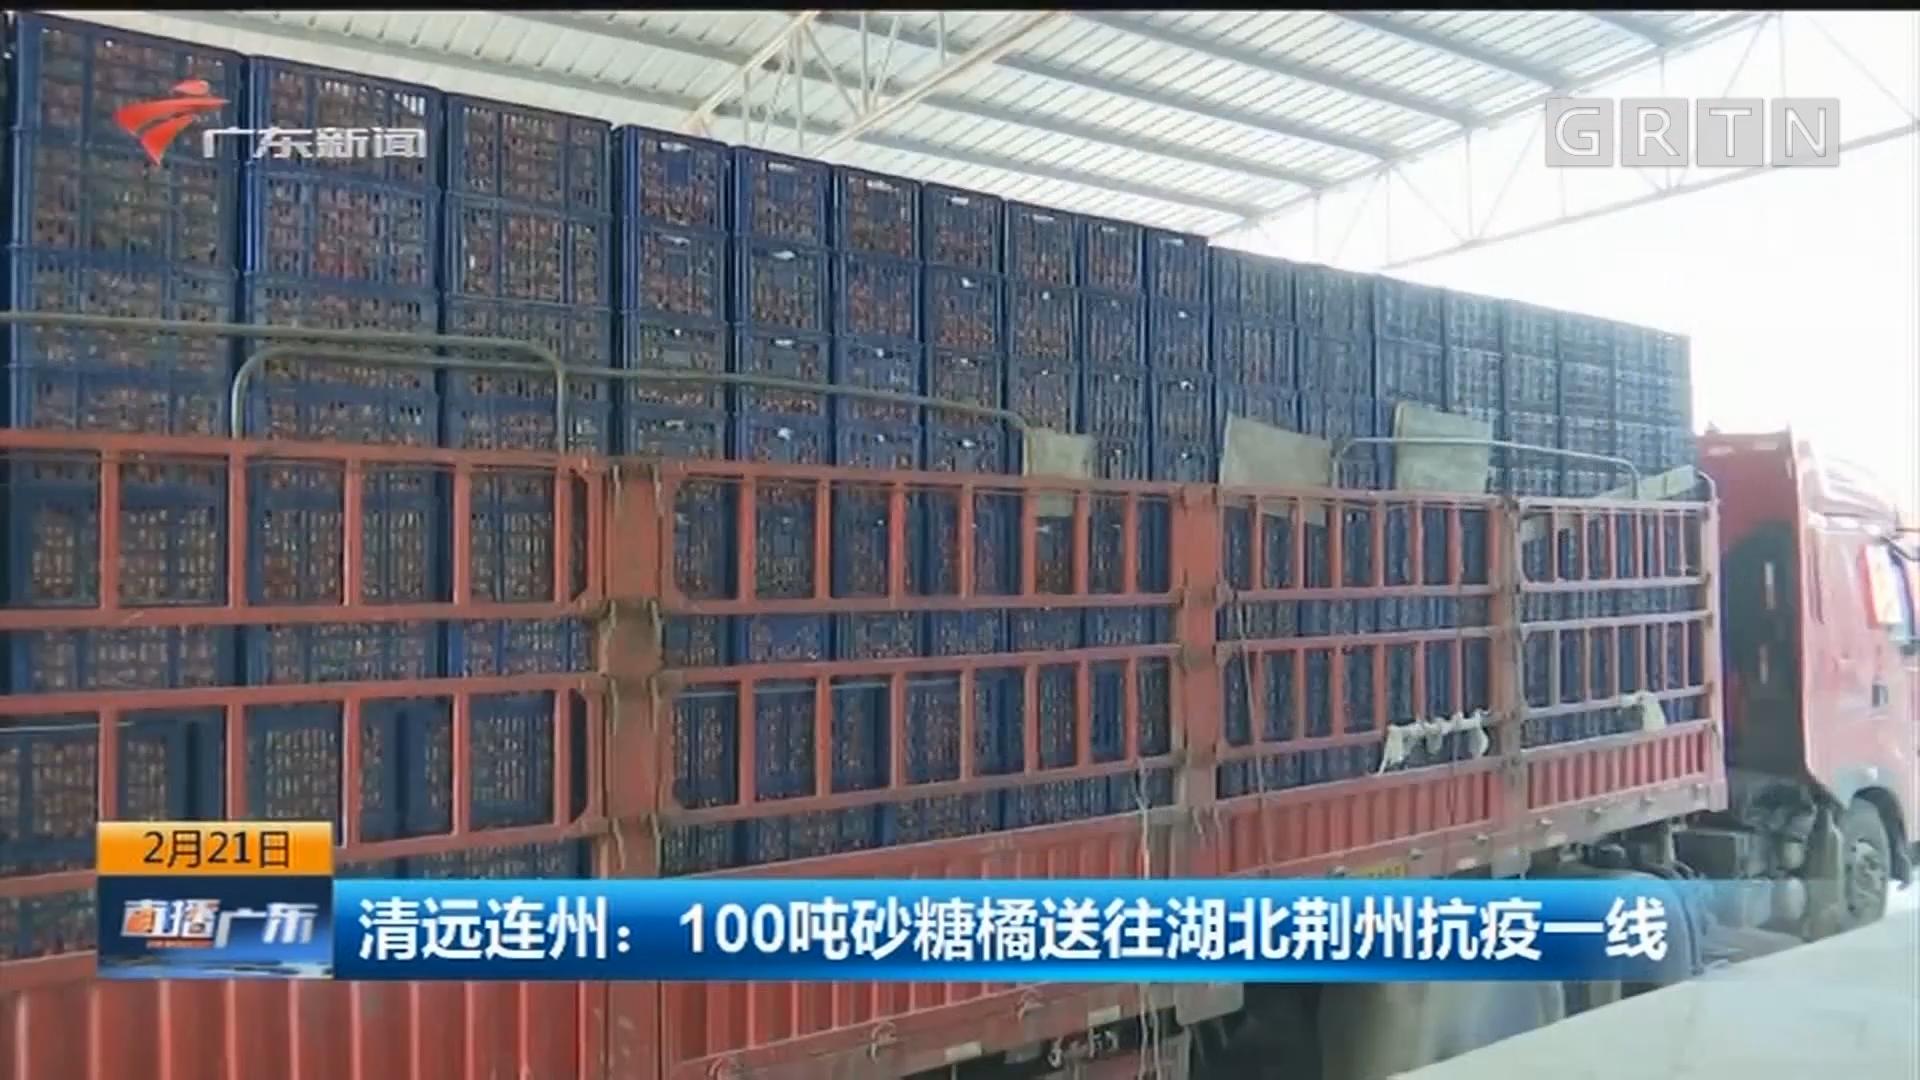 清远连州:100吨砂糖橘送往湖北荆州抗疫一线